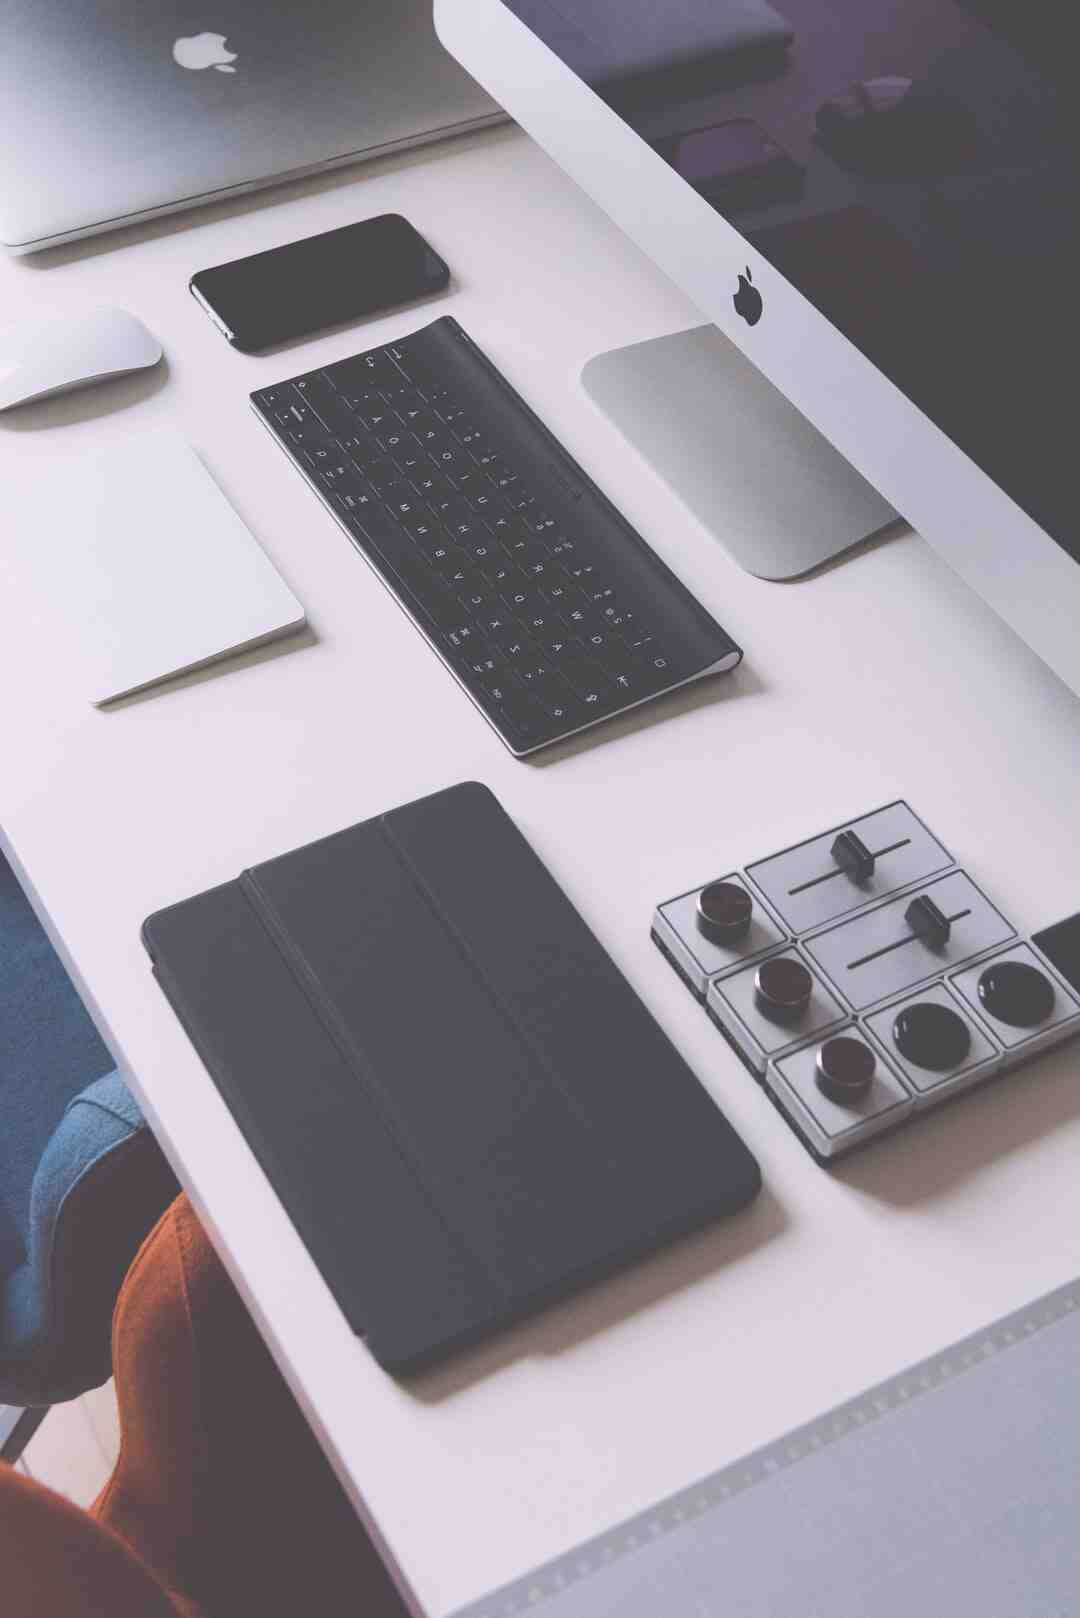 Quel iPad est compatible avec iOS 14 ?